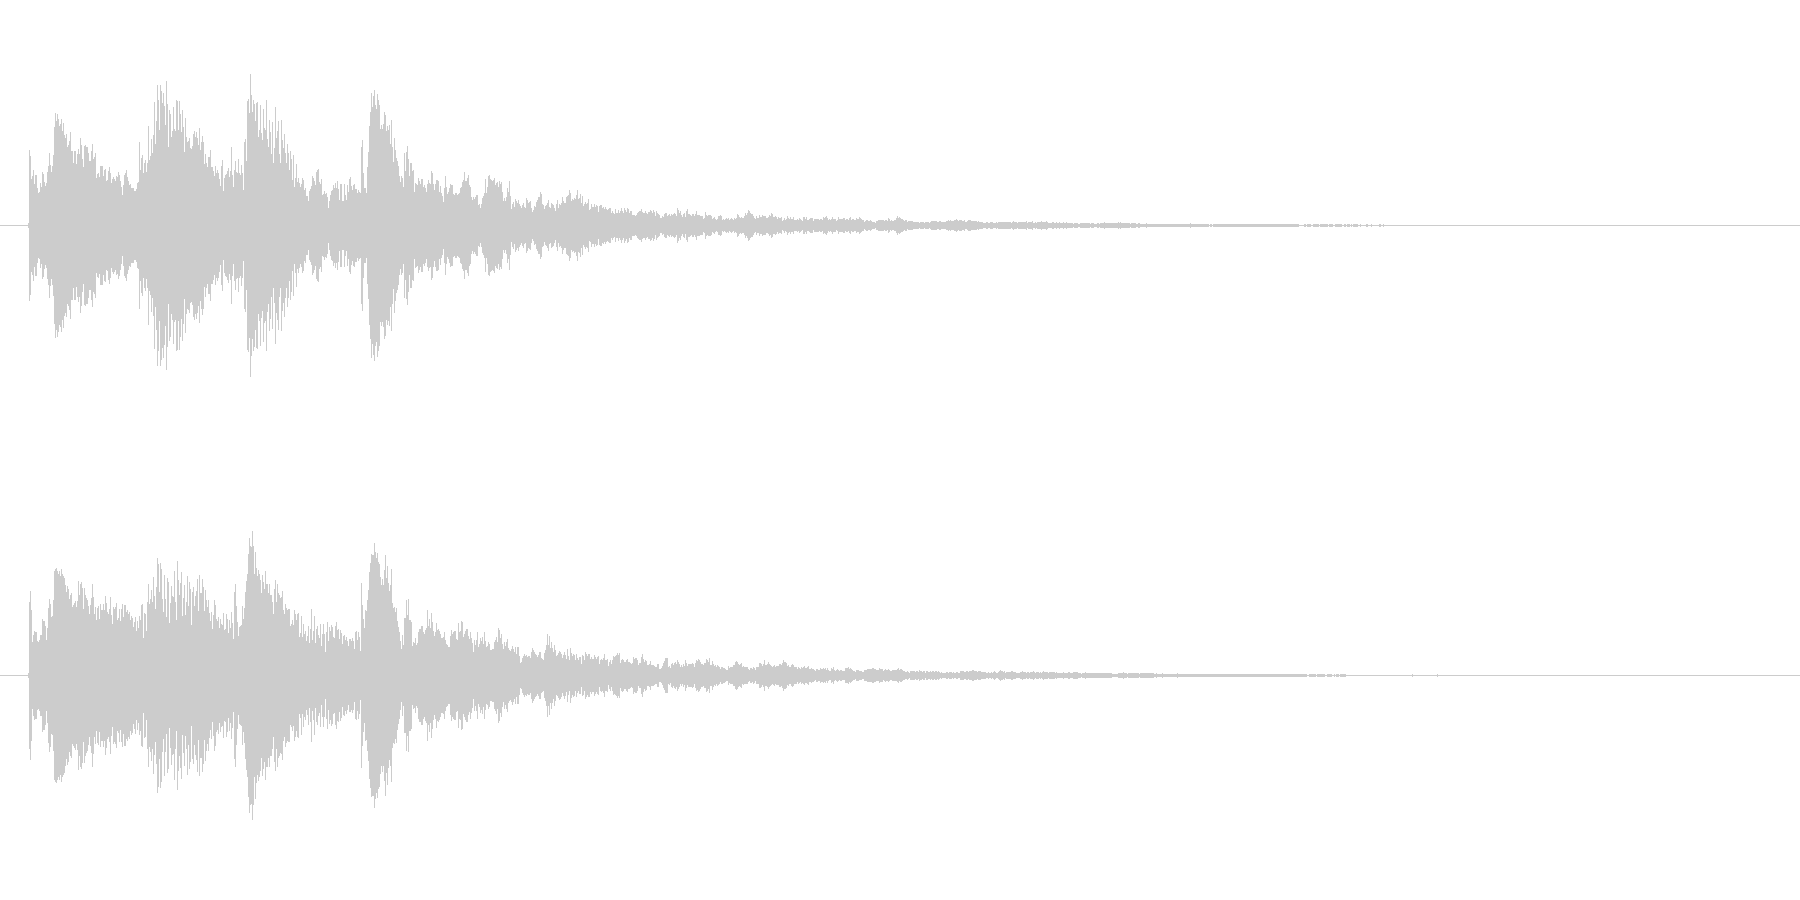 サウンドロゴ(企業ロゴ)_005の未再生の波形